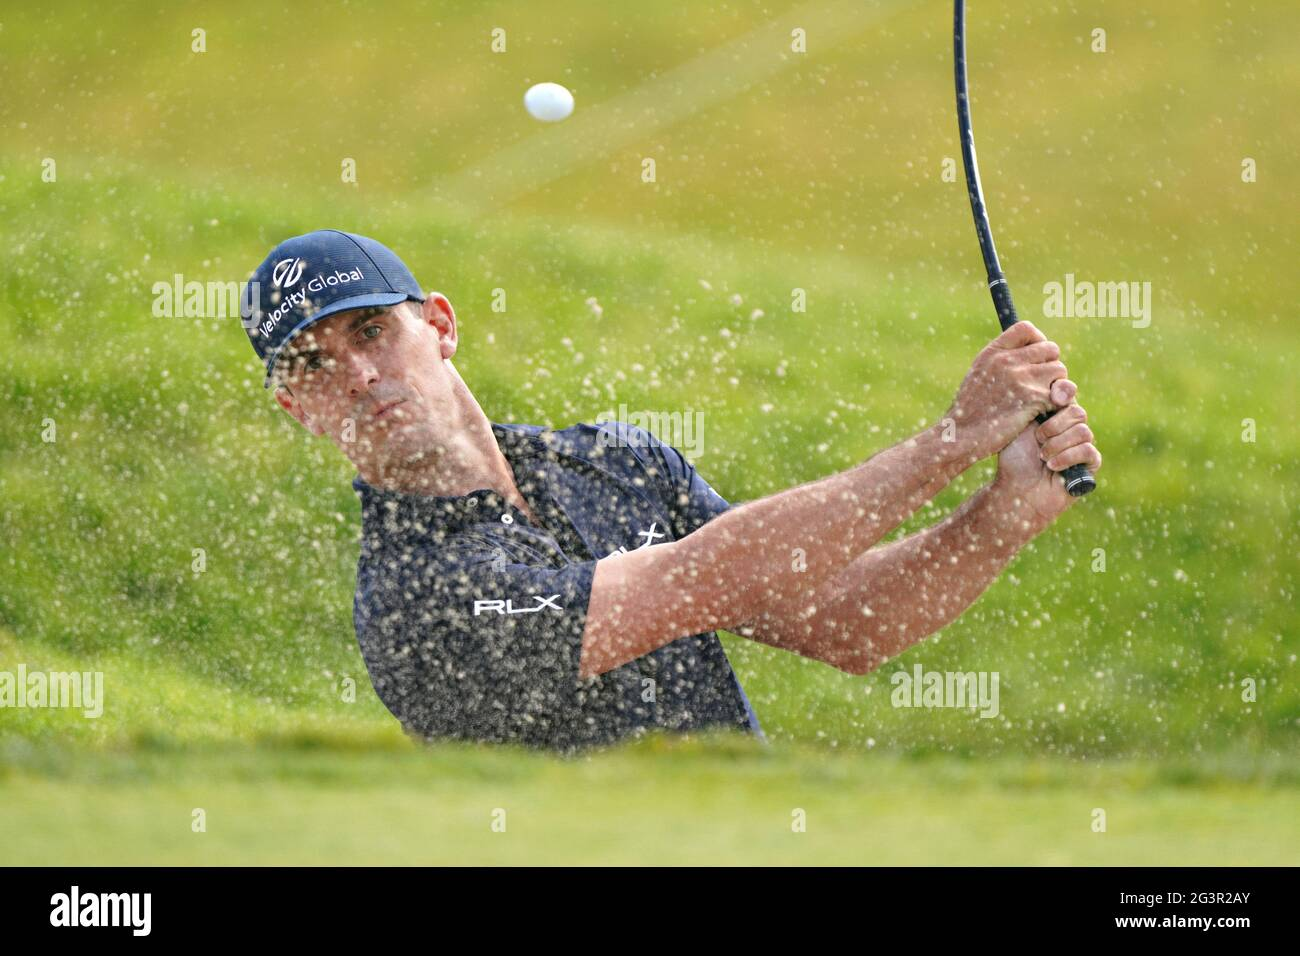 San Diego, Usa. Juni 2021. Billy Horschel aus den USA, trifft am ersten Wettkampftag bei der 121. US Open Championship auf dem Torrey Pines Golf Course in San Diego, Kalifornien, am Donnerstag, 17. Juni 2021, aus dem Bunker auf dem zehnten Loch. Foto von Richard Ellis/UPI Credit: UPI/Alamy Live News Stockfoto